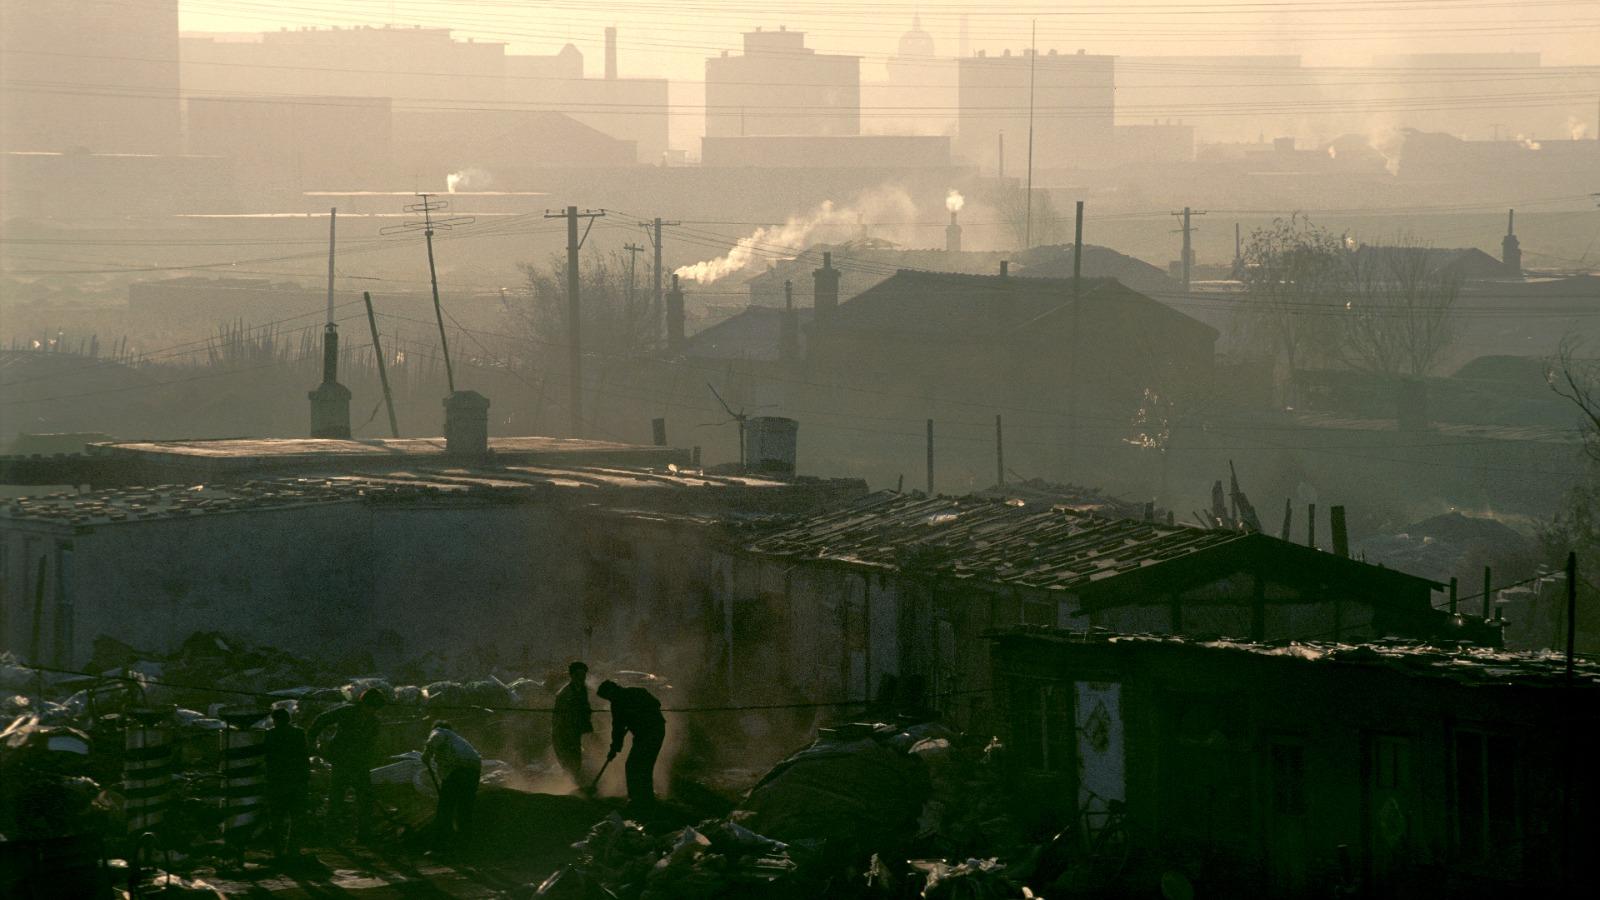 Ras Tind Nielsen: Miljømæssigt er Kina på randen af kollaps